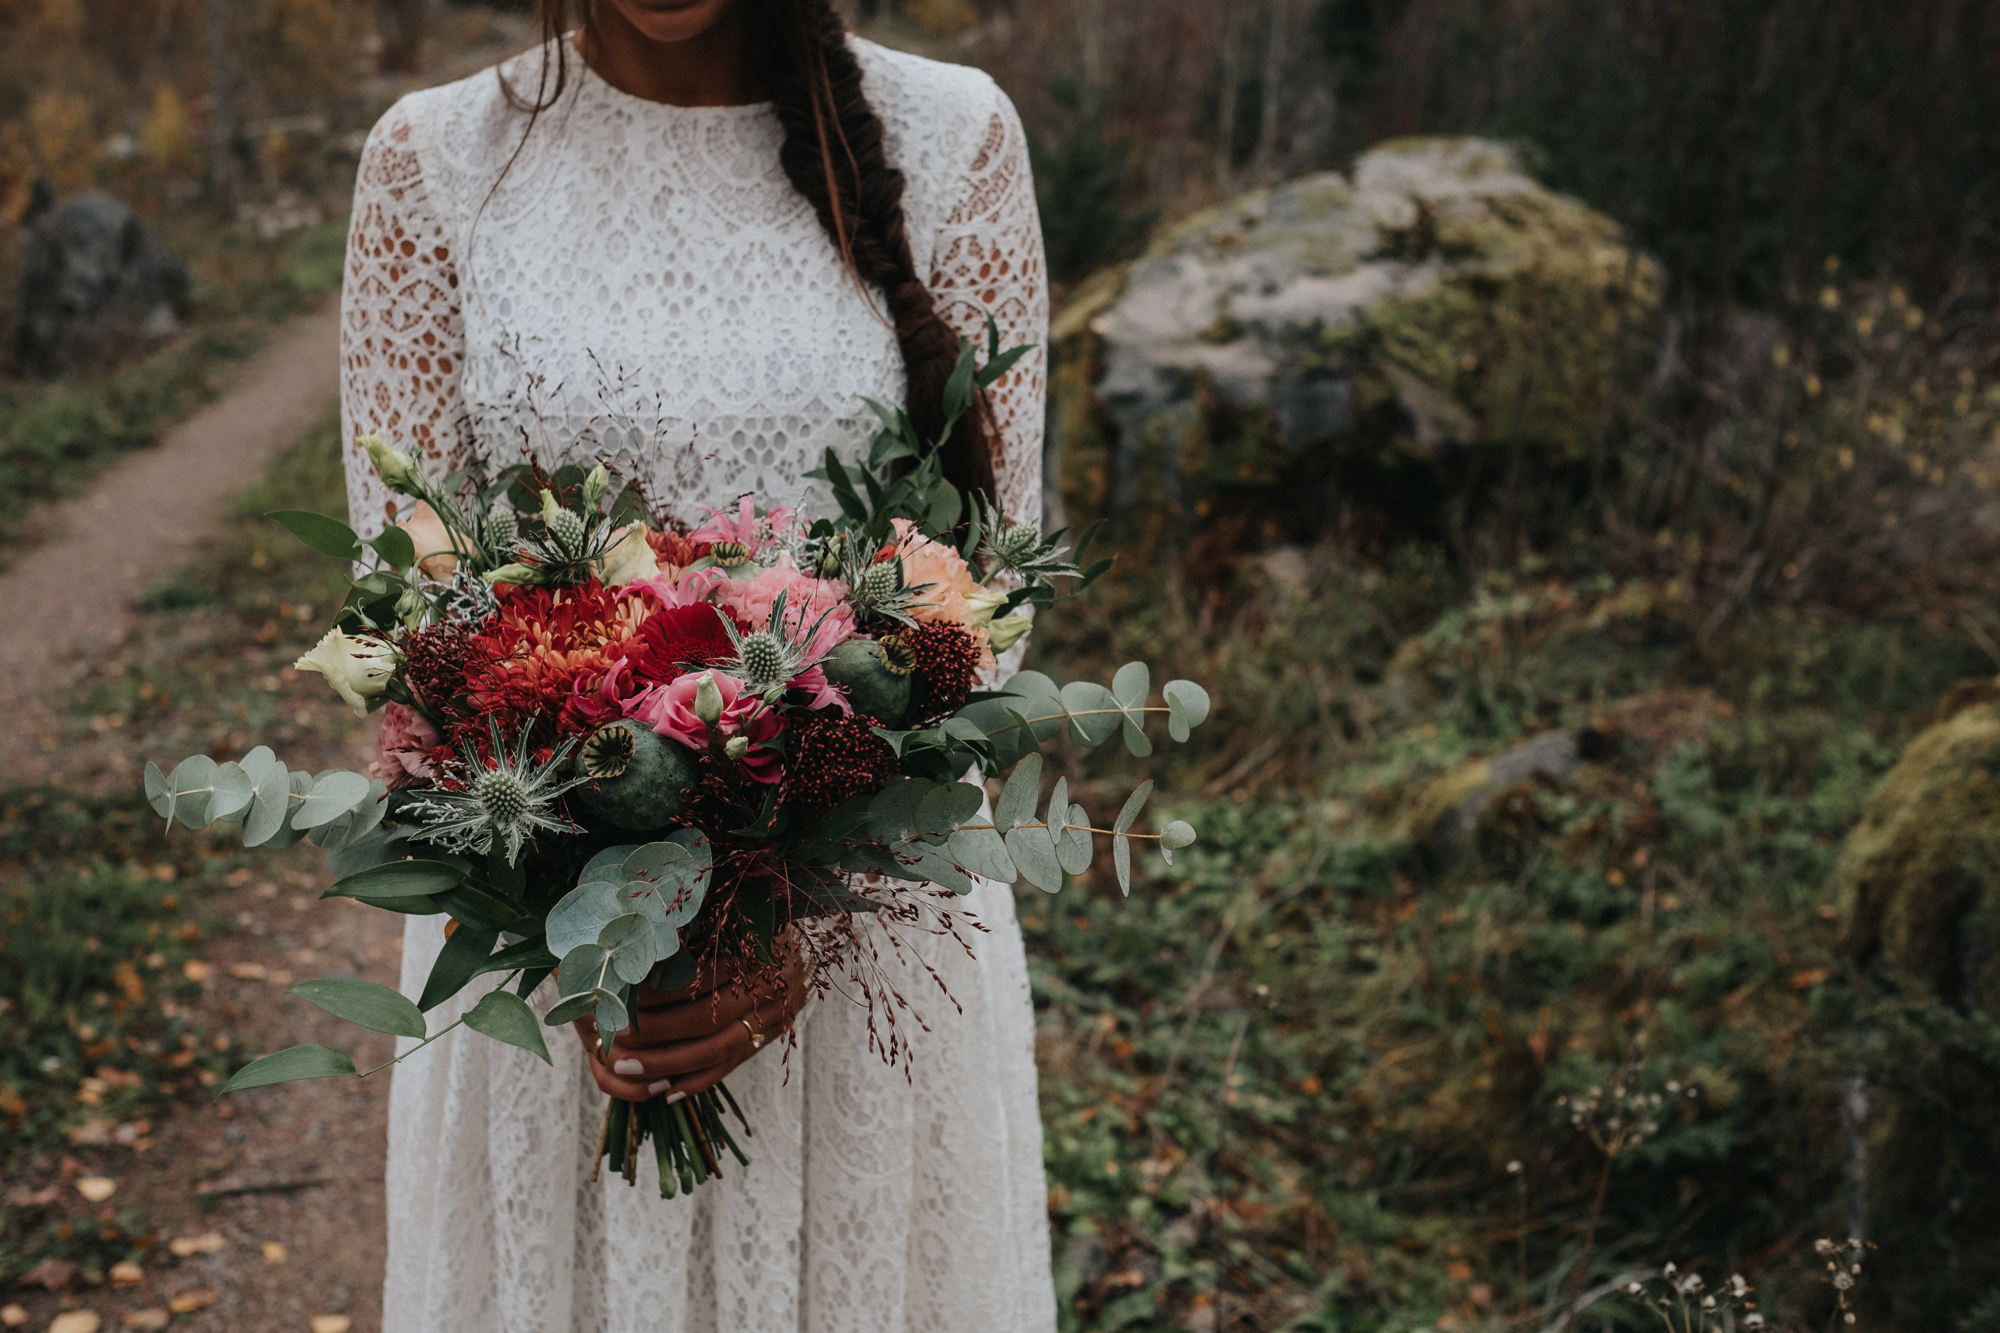 015-bröllop-blomsterrummet-neas-fotografi.jpg